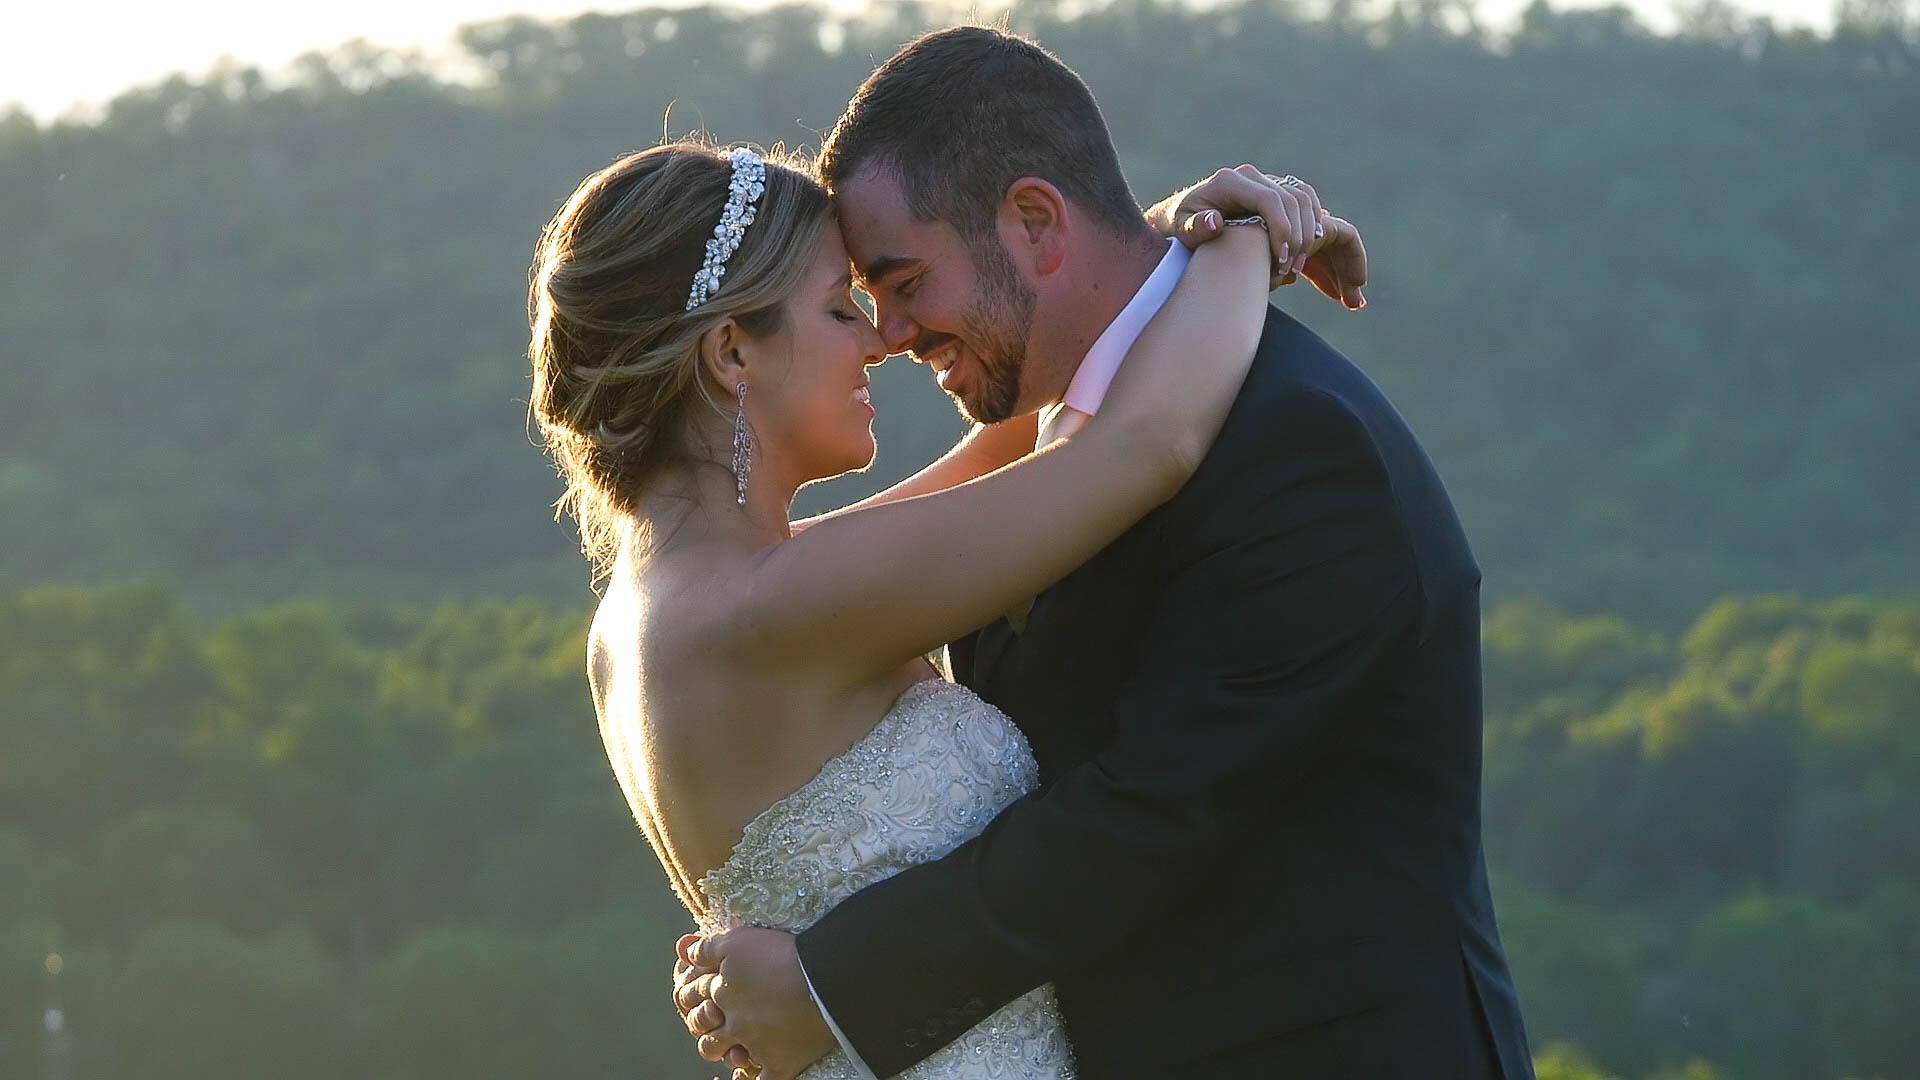 Crystal Springs Resort Wedding, tonemedia, lauryn and patrick, nj wedding video, nj wedding videographer, nj wedding videography,Crystal Springs Resort,Crystal Springs wedding